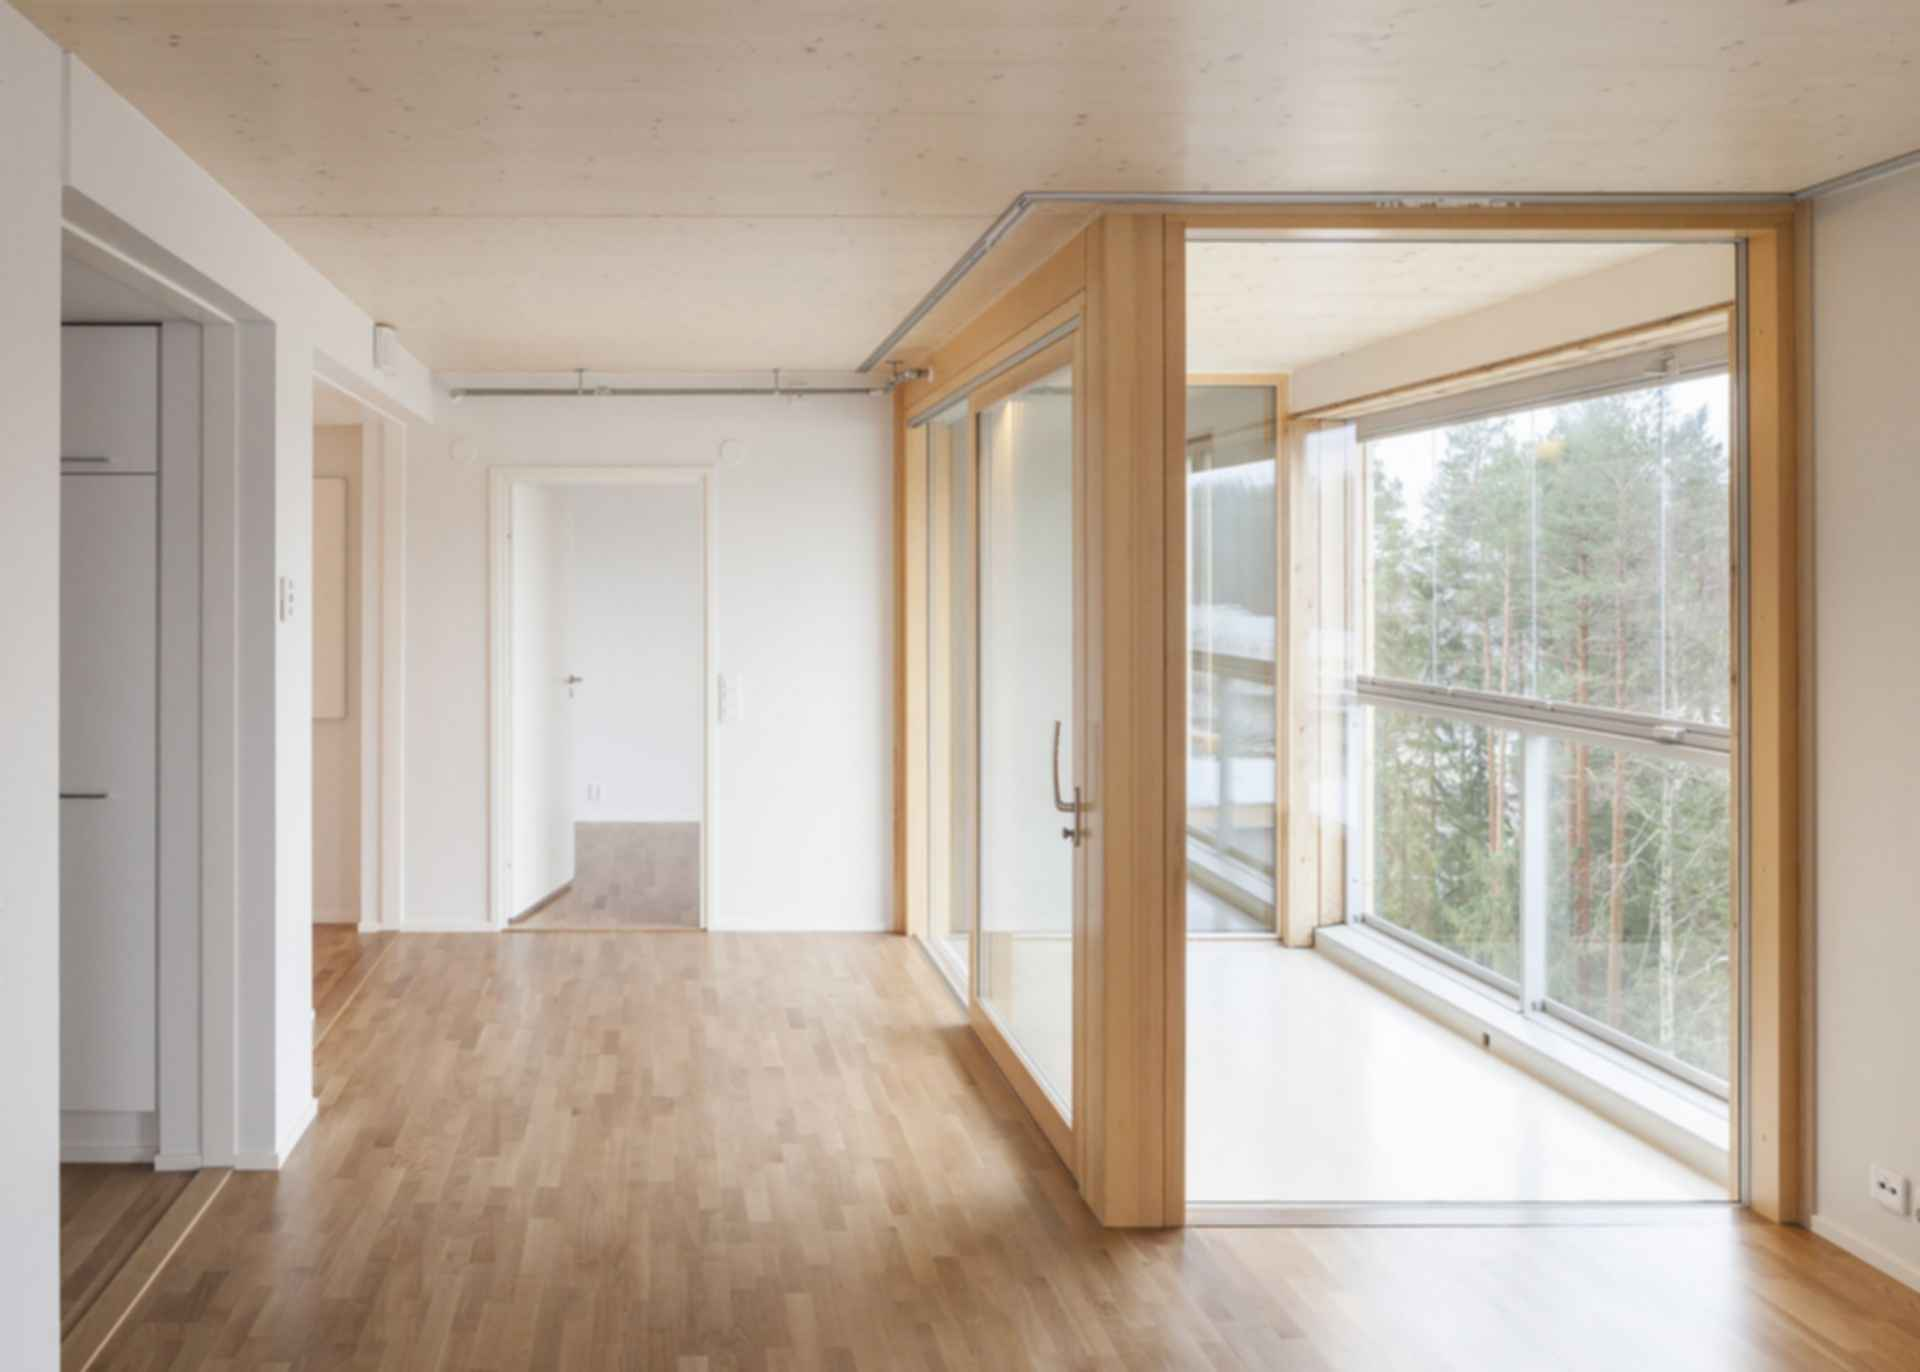 Puukuokka Housing Block - Interior